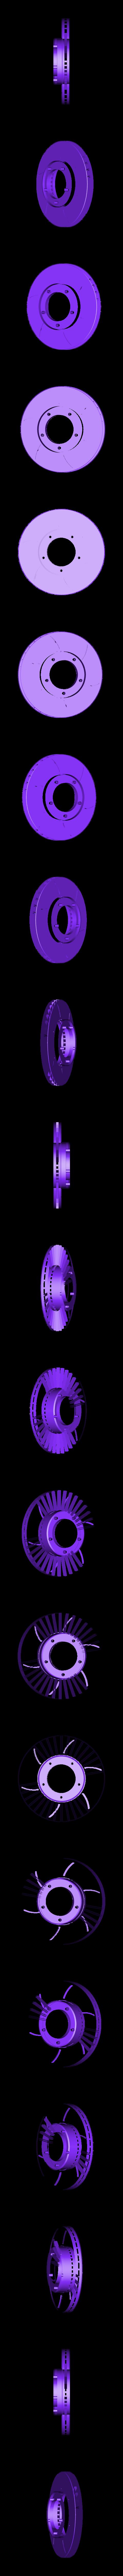 Disc brake.stl Download STL file Disc brake • 3D printer object, kasraoui